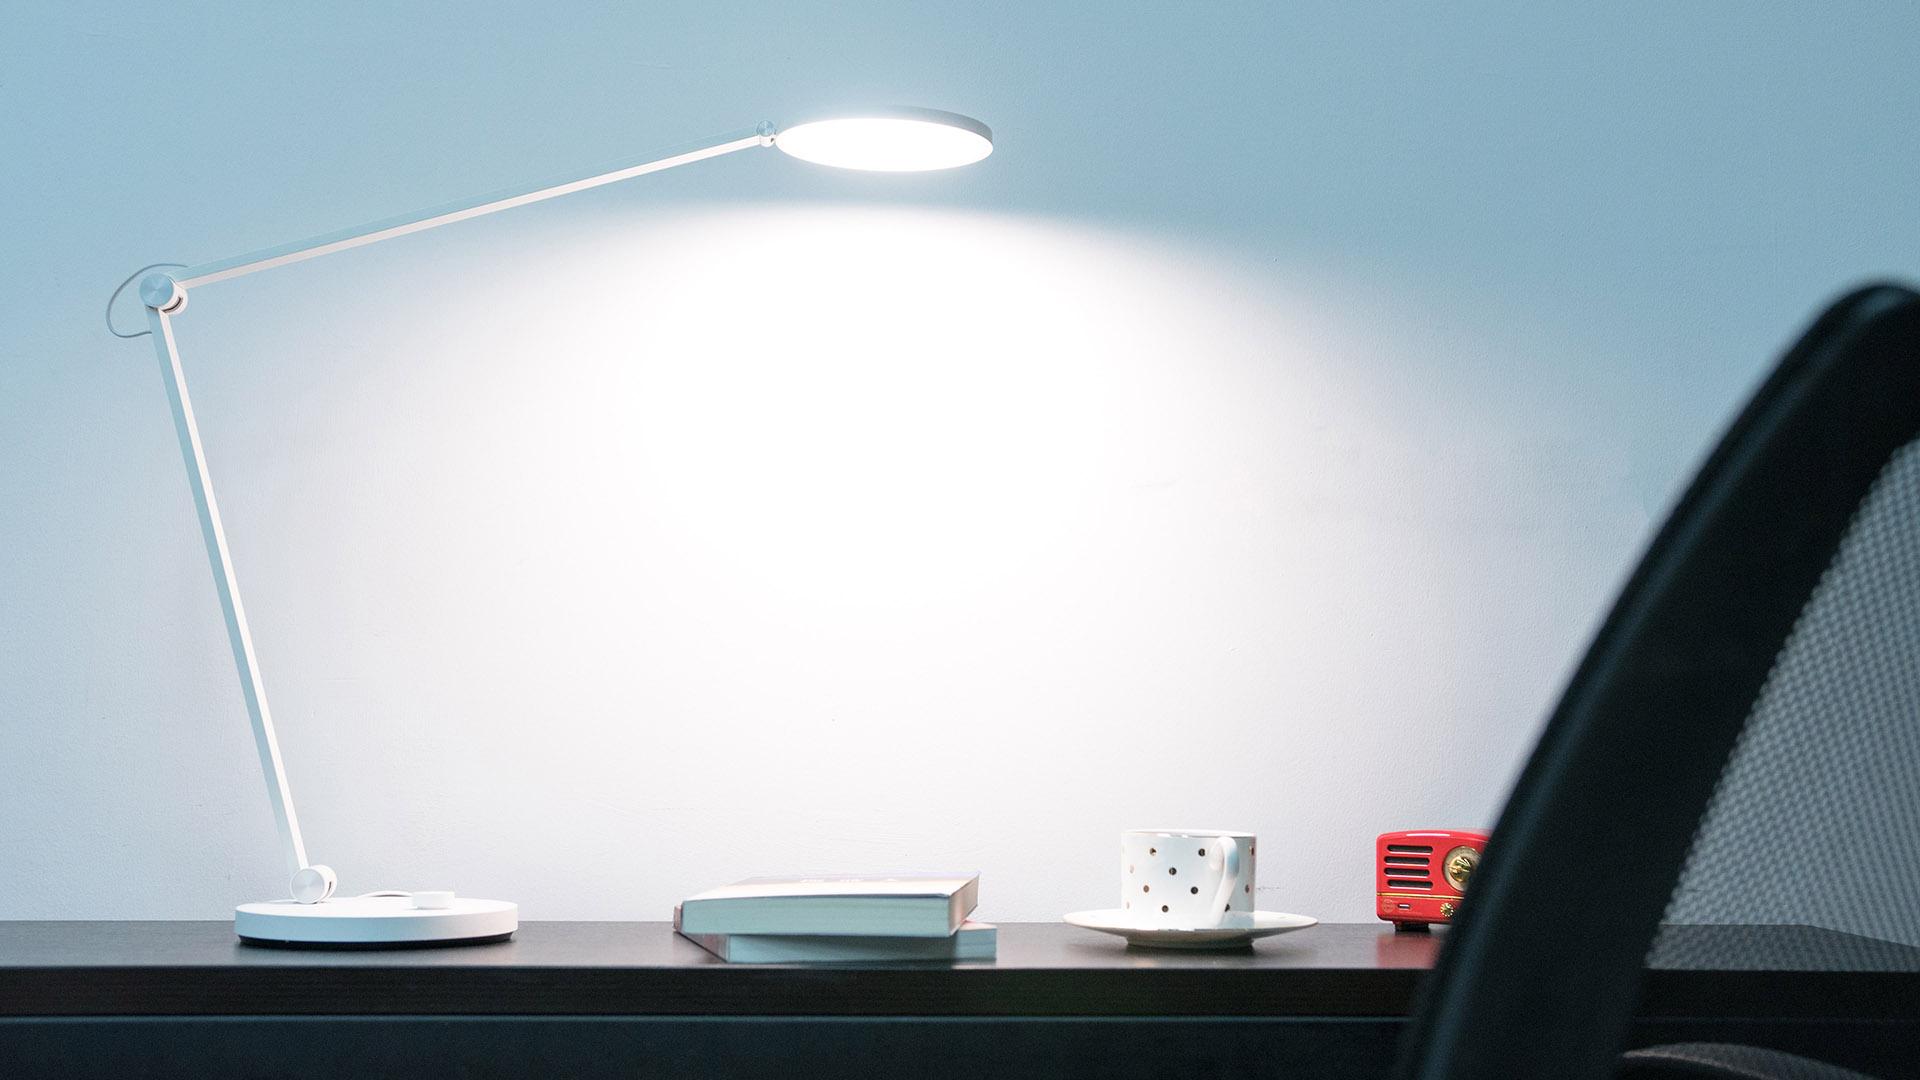 米家台灯Pro体验:349块钱的一份好光源